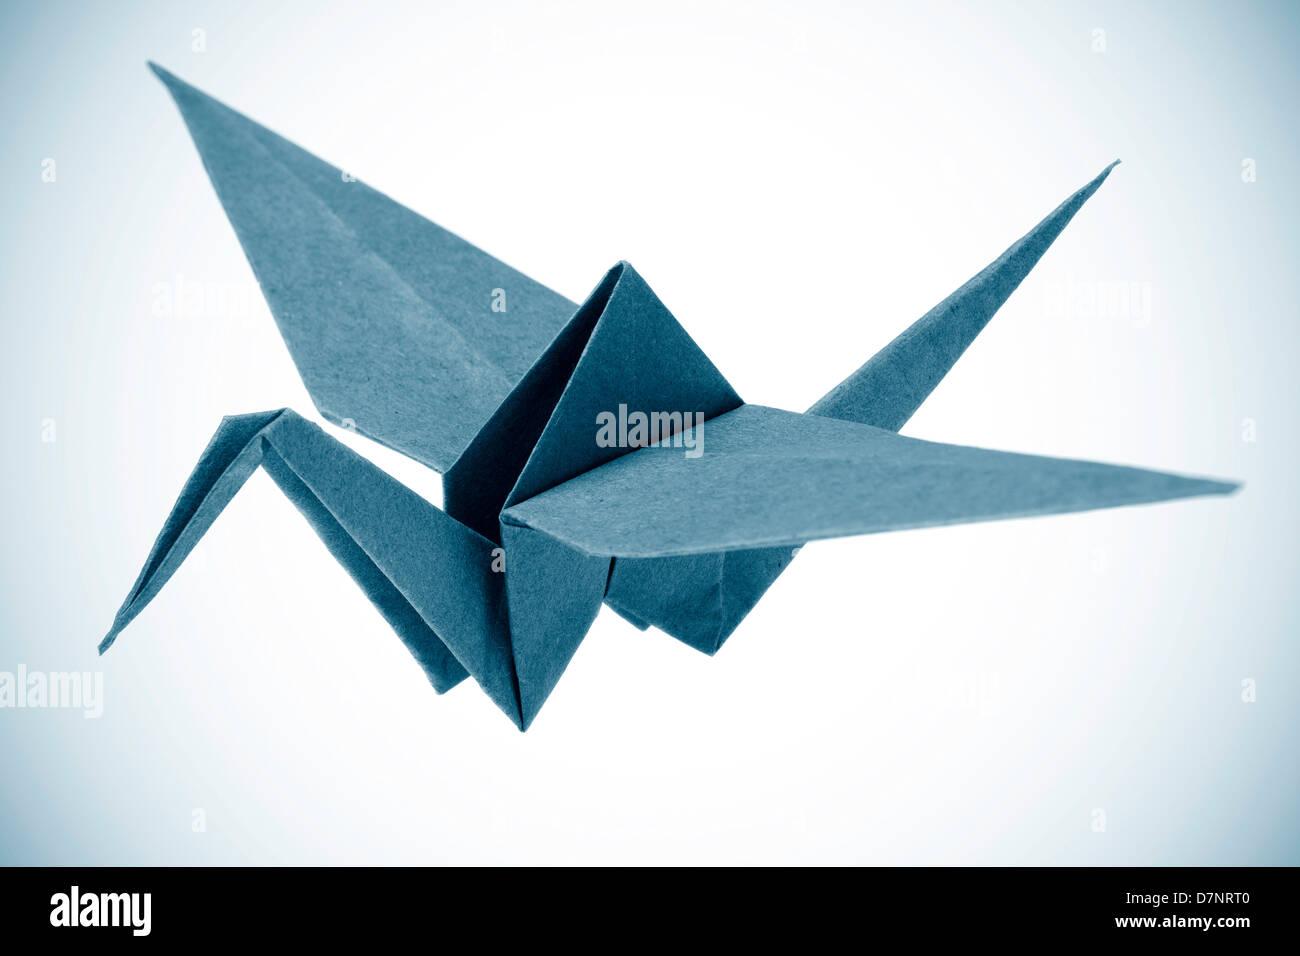 Origami-Kranich isoliert auf weißem Hintergrund Stockbild